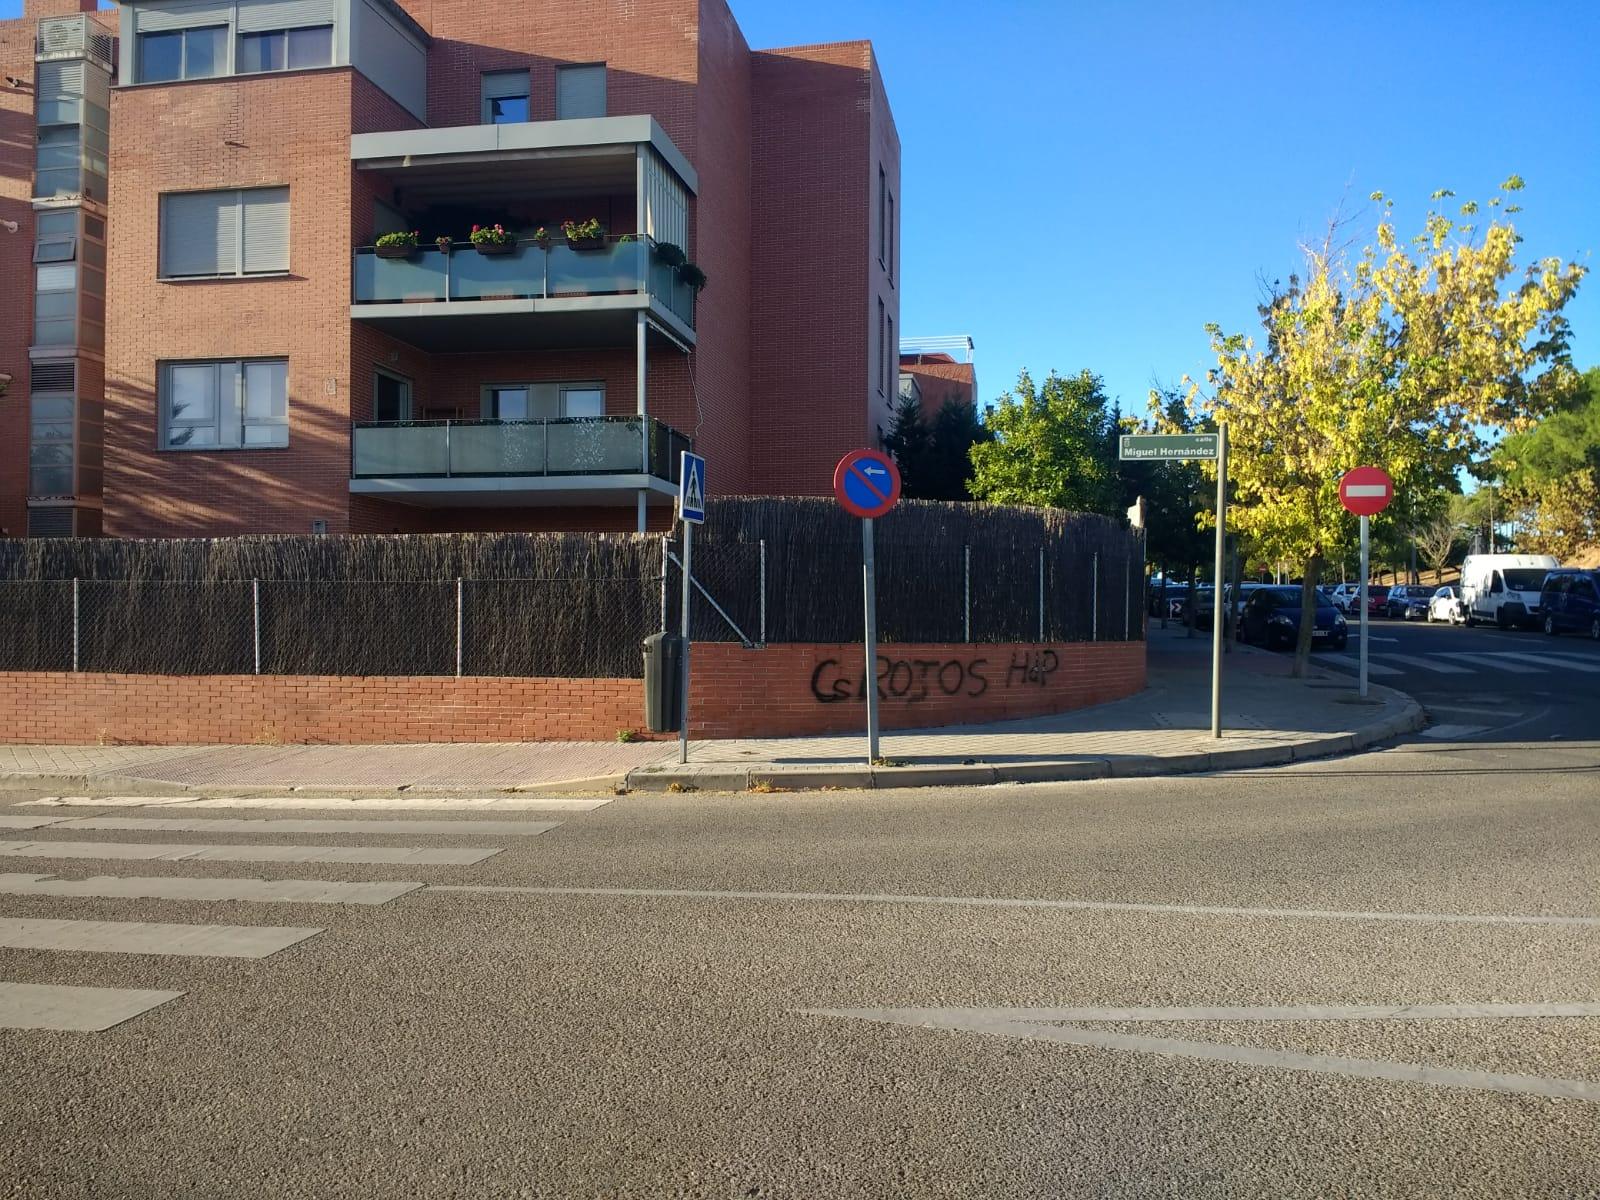 Acto vandálico en la vivienda de Ricardo Díaz, portavoz de Ciudadanos en Boadilla del Monte